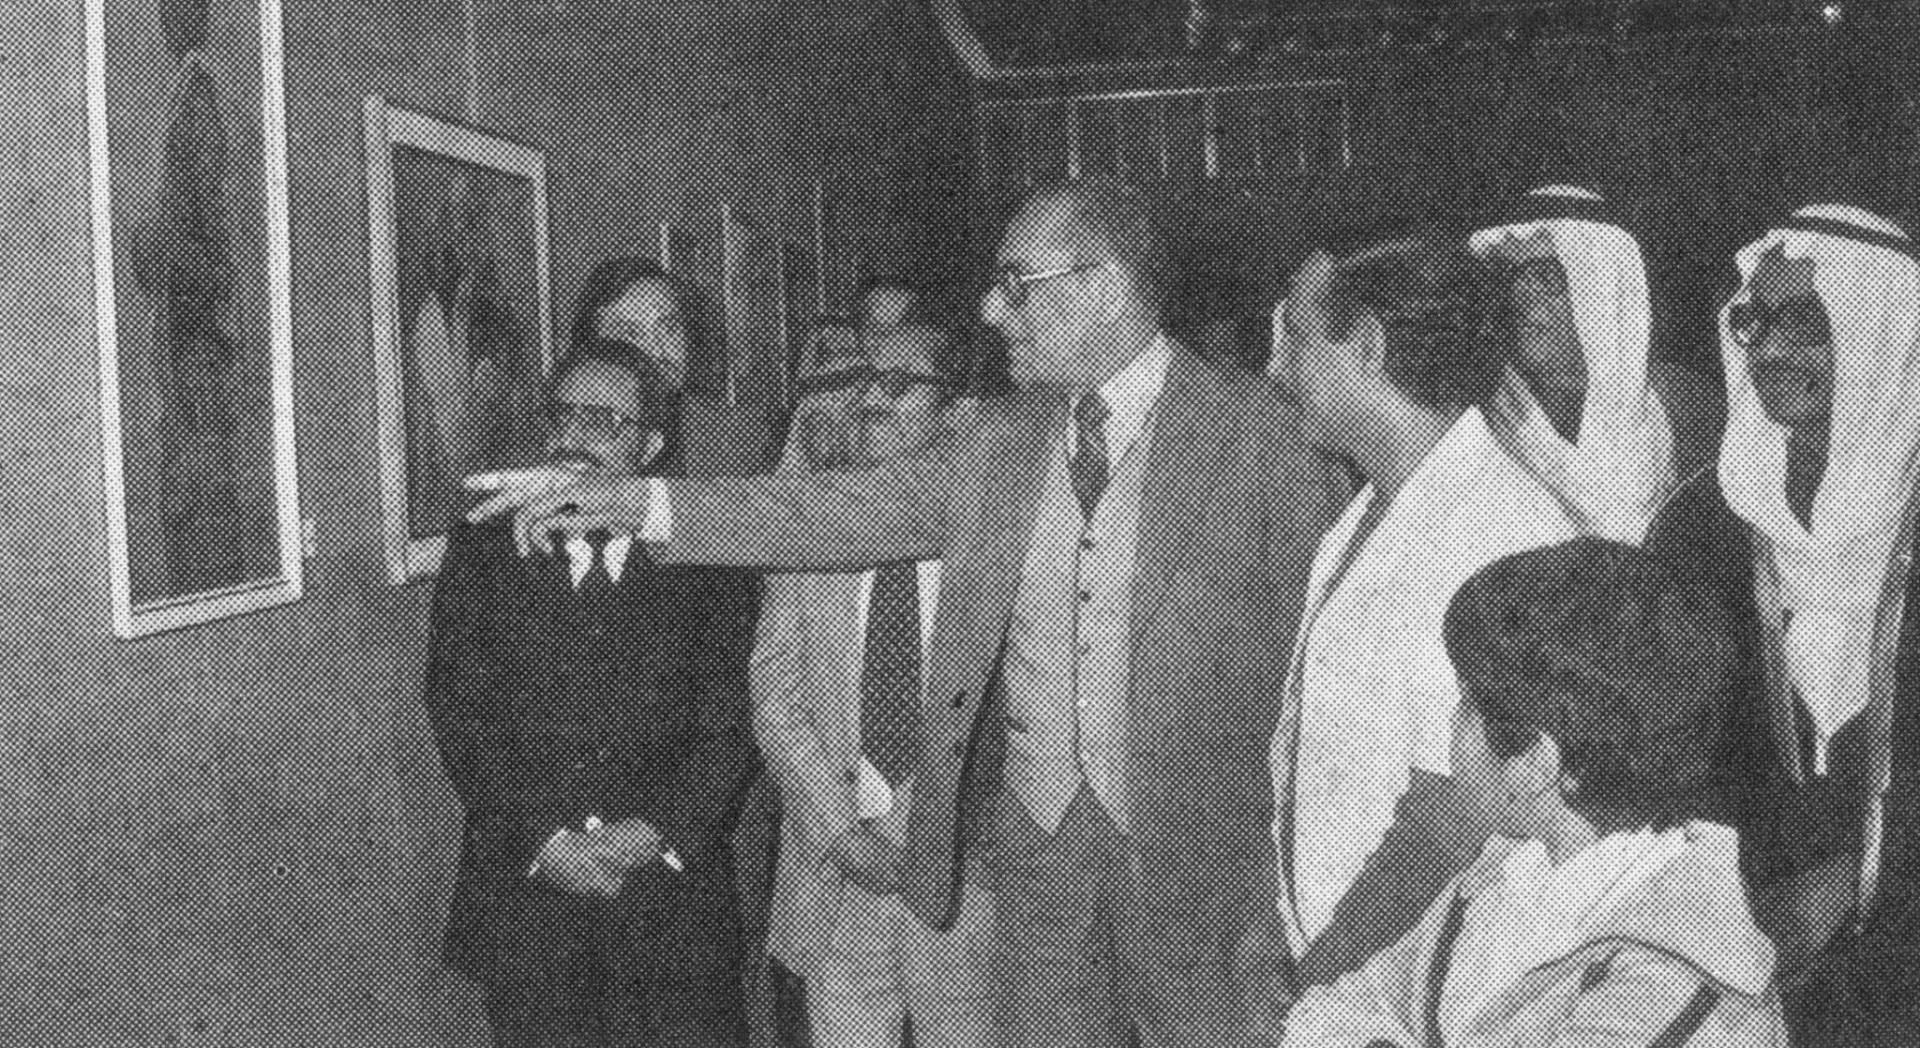 عبدالعزيز حسين وسعدون الجاسم أمام إحدى اللوحات مع رئيس وفد الأسبوع الثقافي